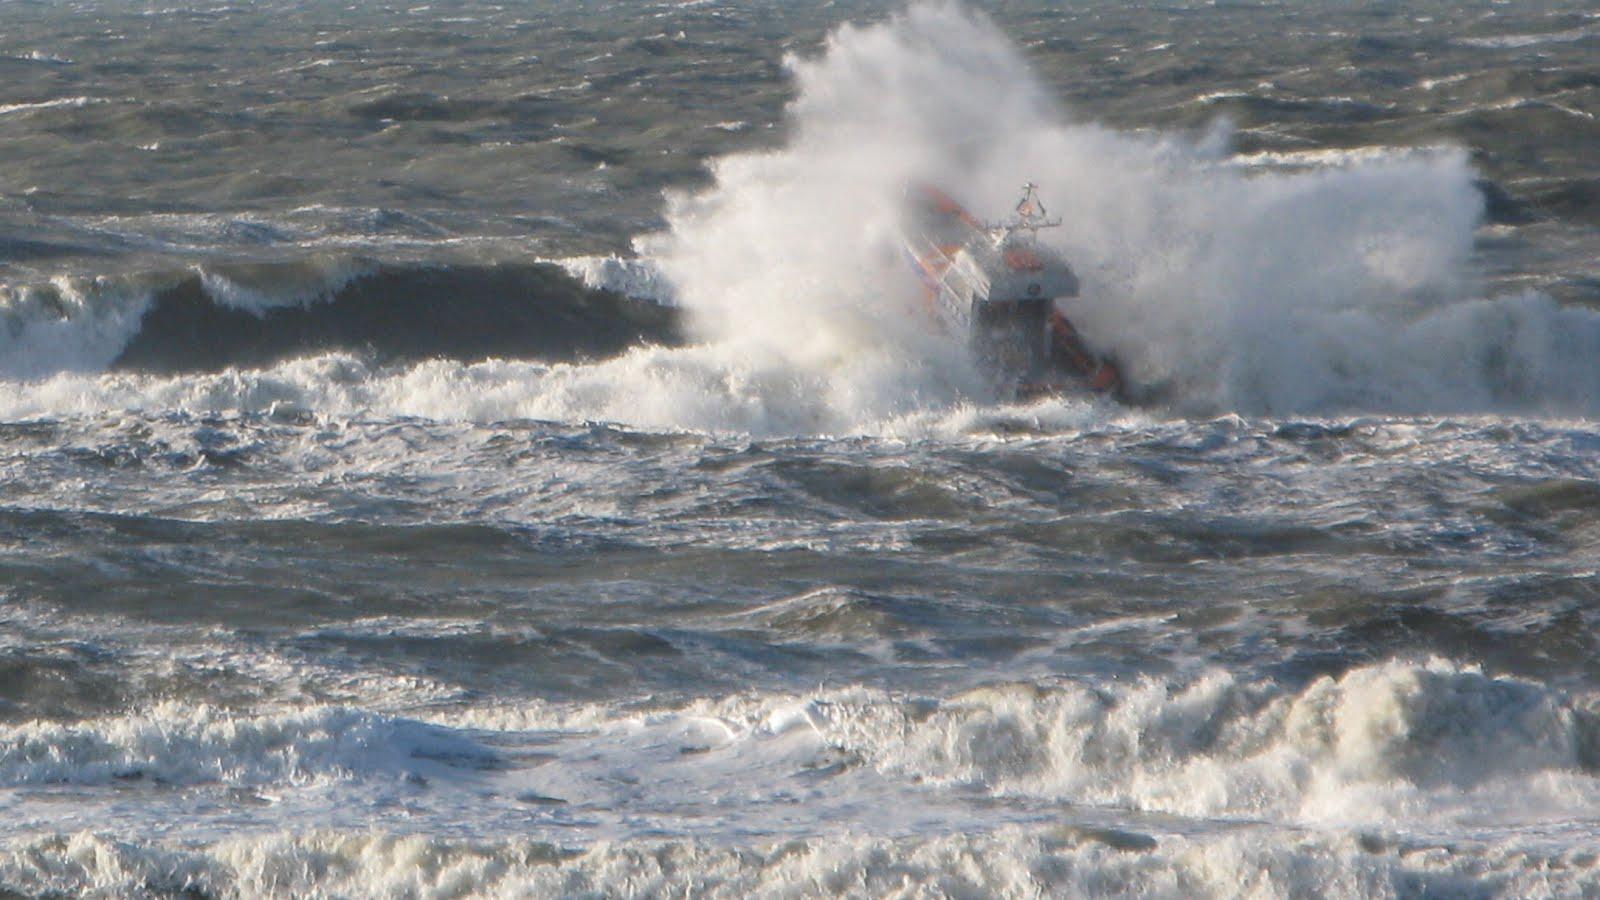 Lifeboat De Redder